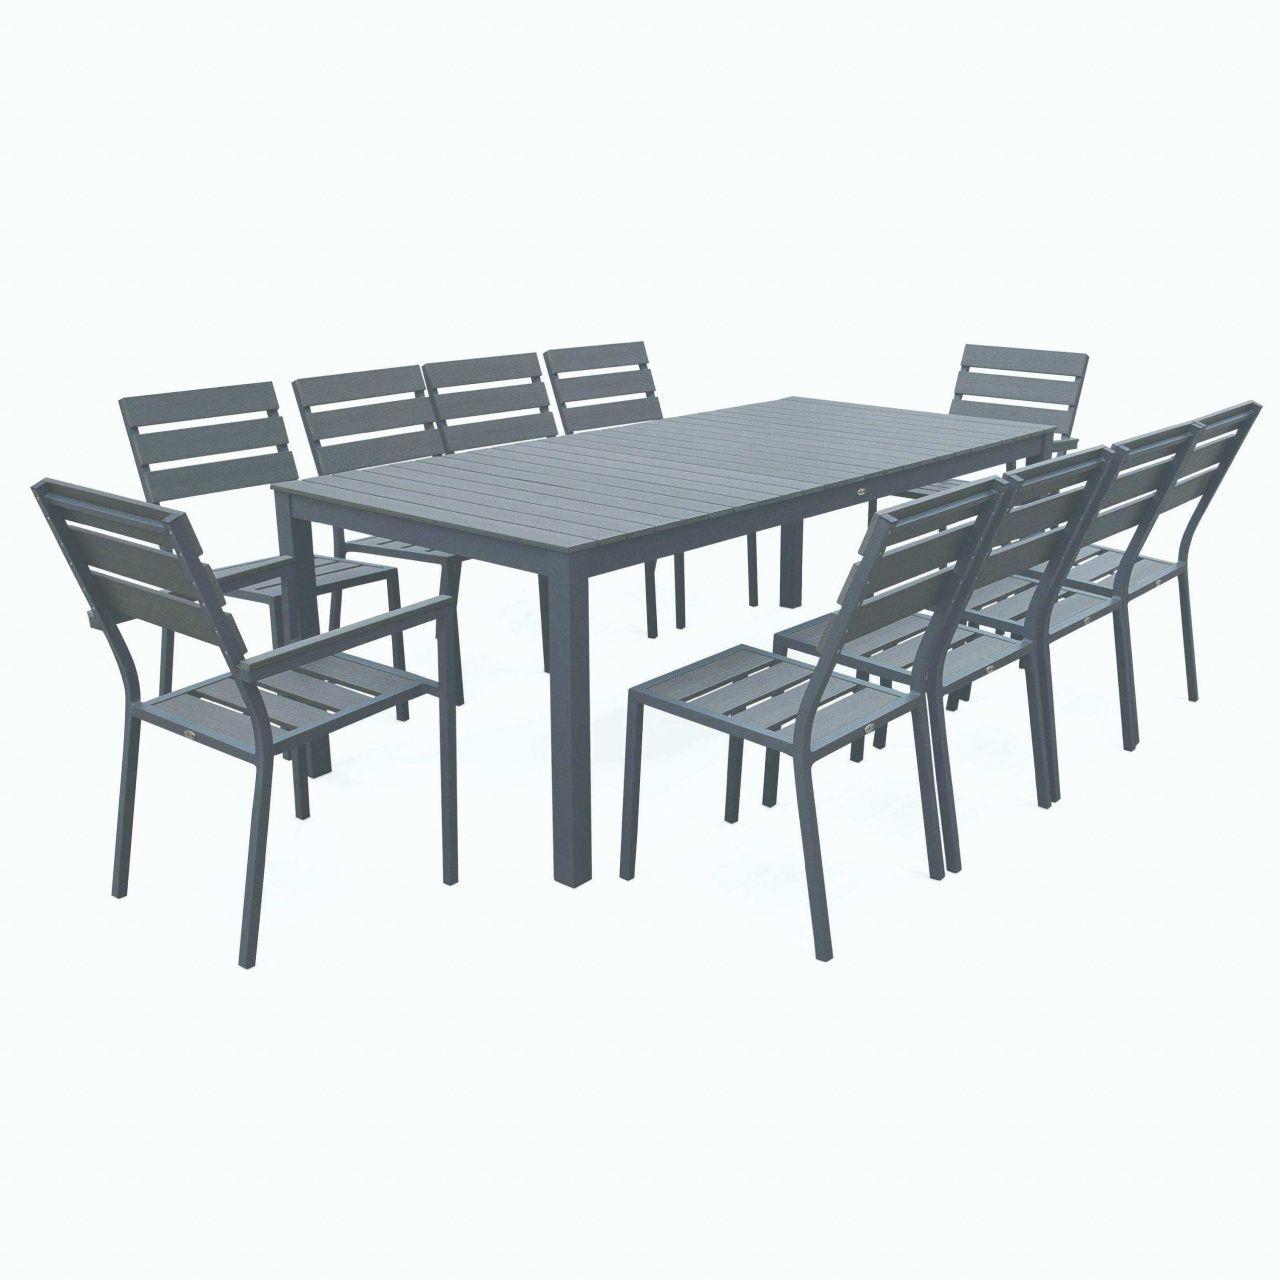 Soldes Mobilier De Jardin - Canalcncarauca tout Table De Jardin En Solde